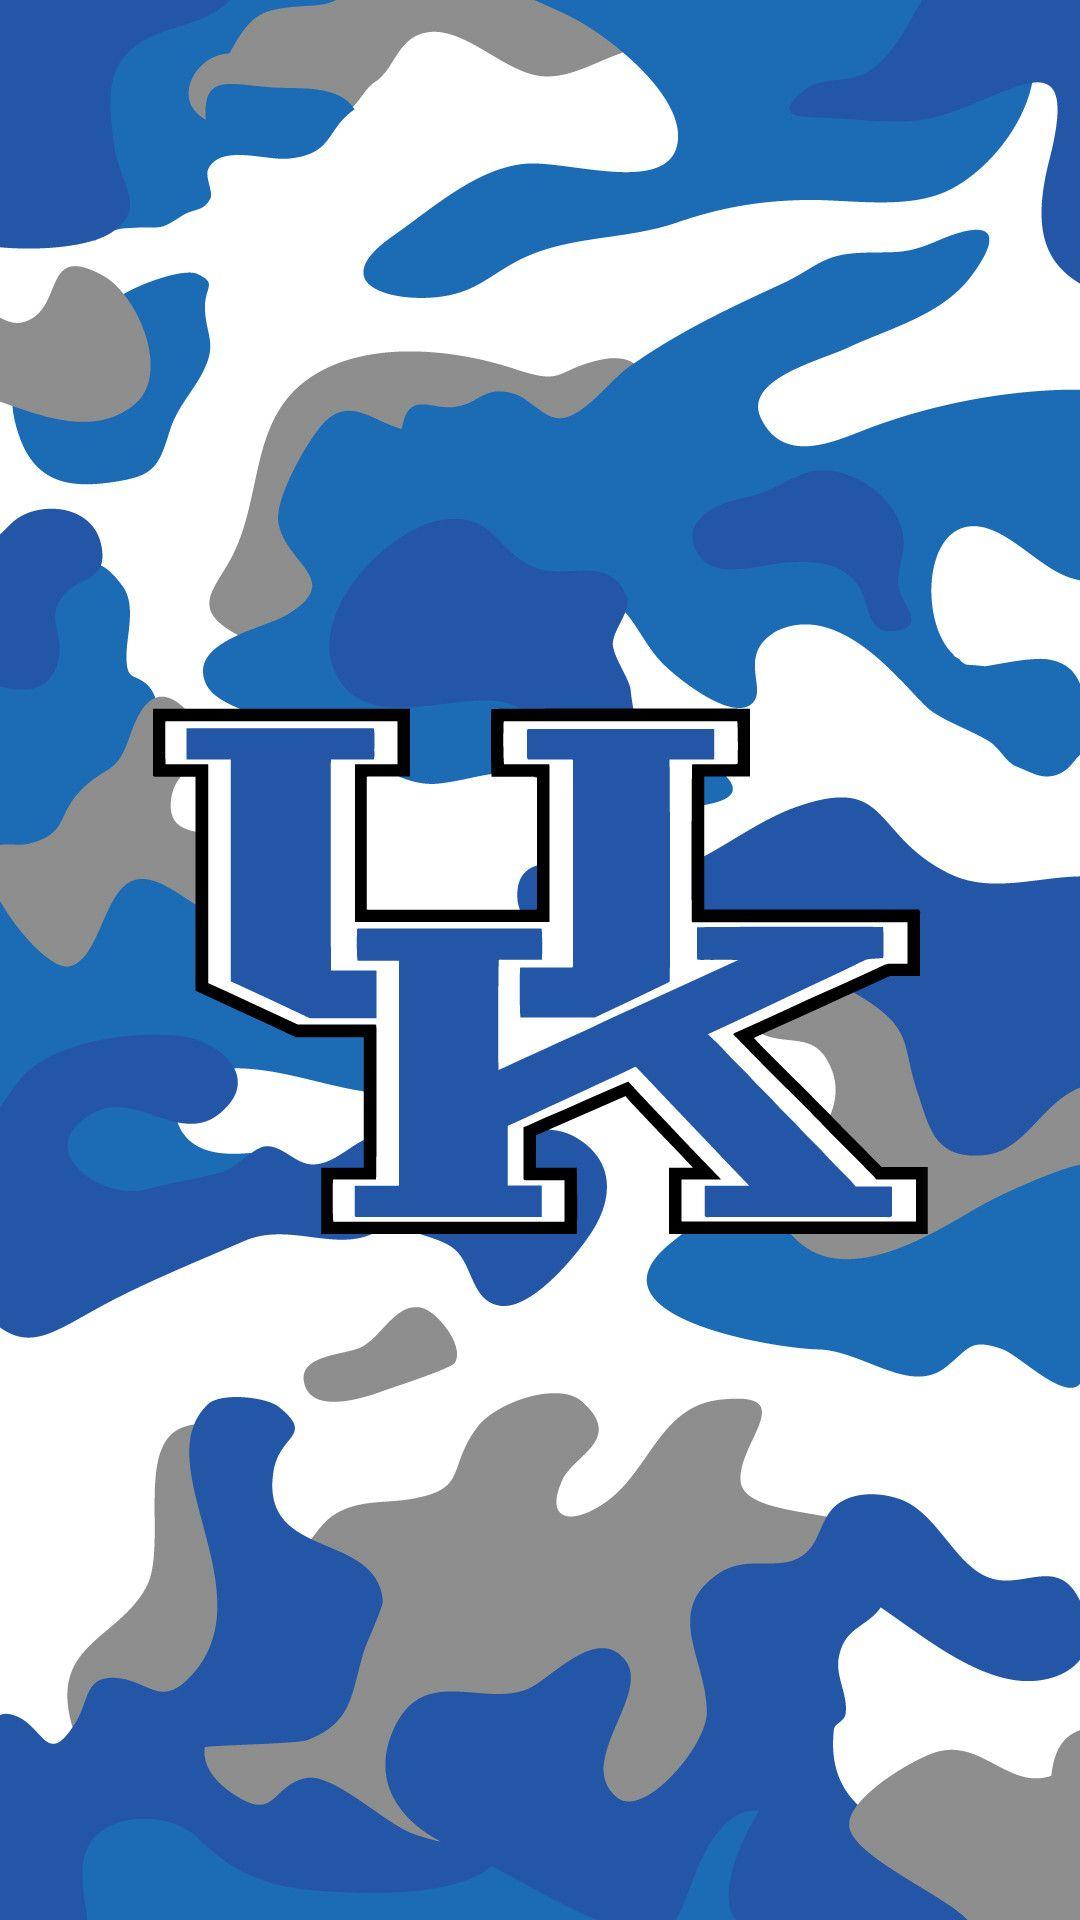 Kentucky Wallpapers   Top Kentucky Backgrounds   WallpaperAccess 1080x1920